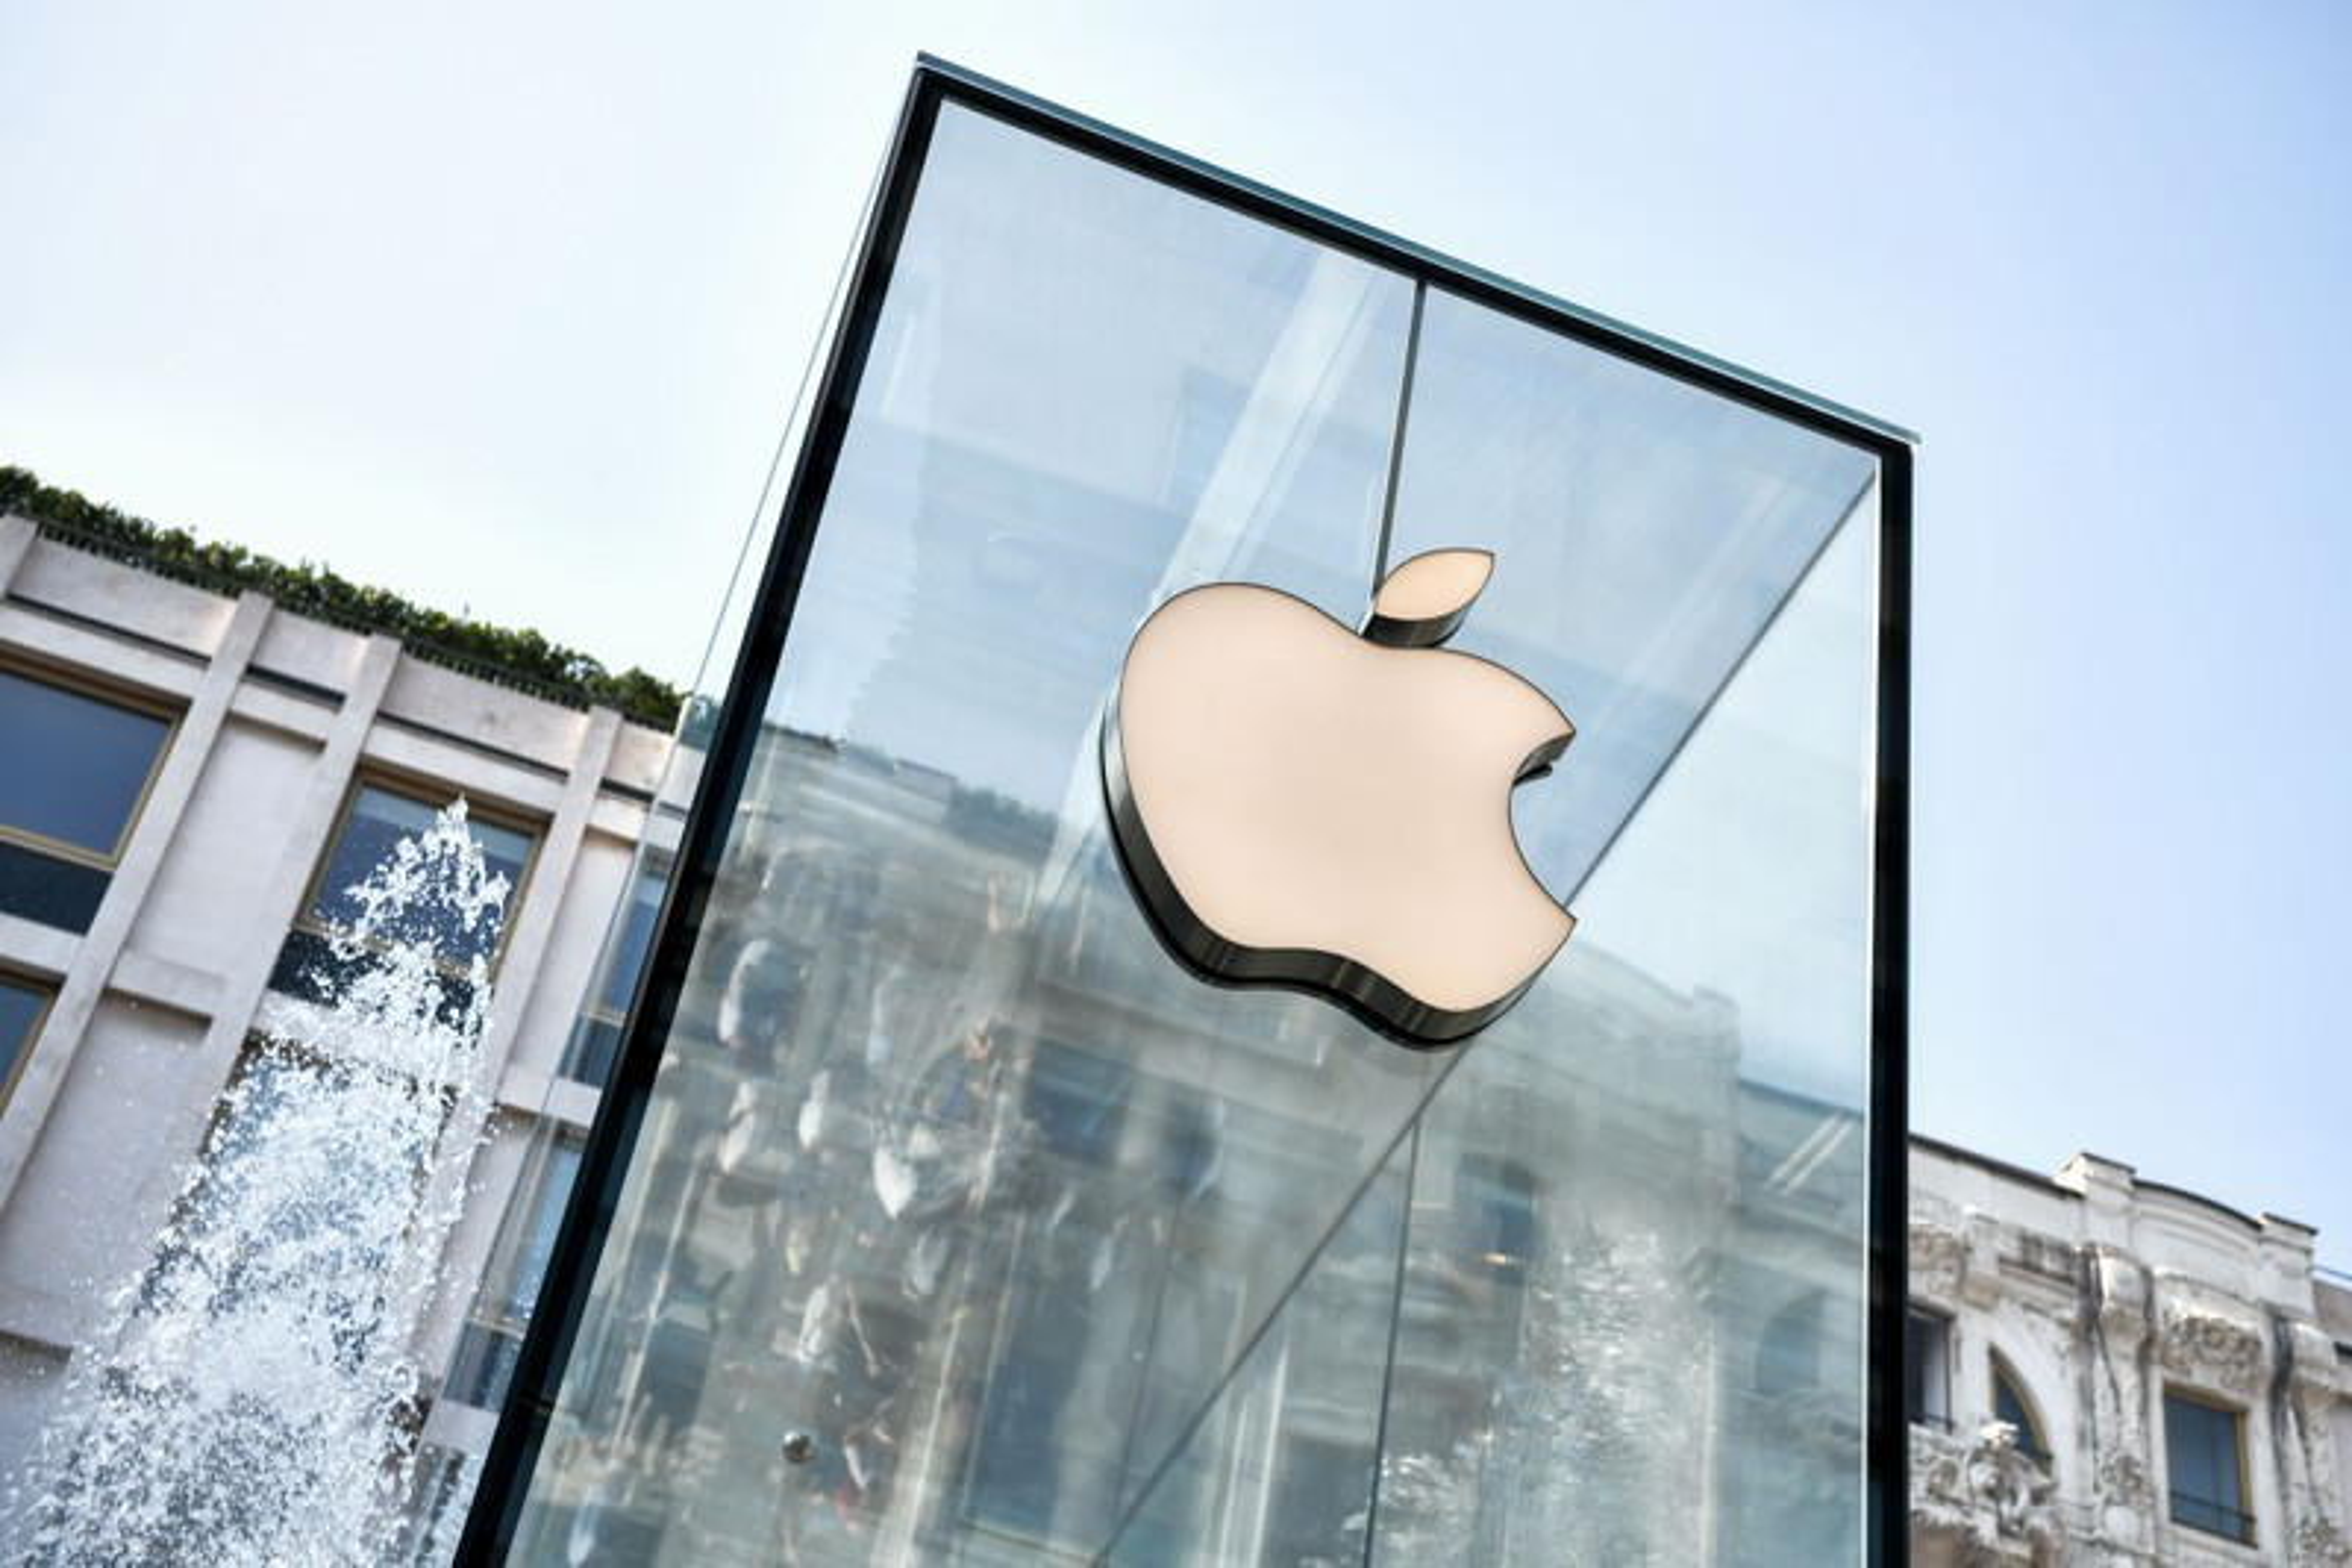 Accusé à tort de vol par Apple, un étudiant lui réclame 1 milliard de dollars